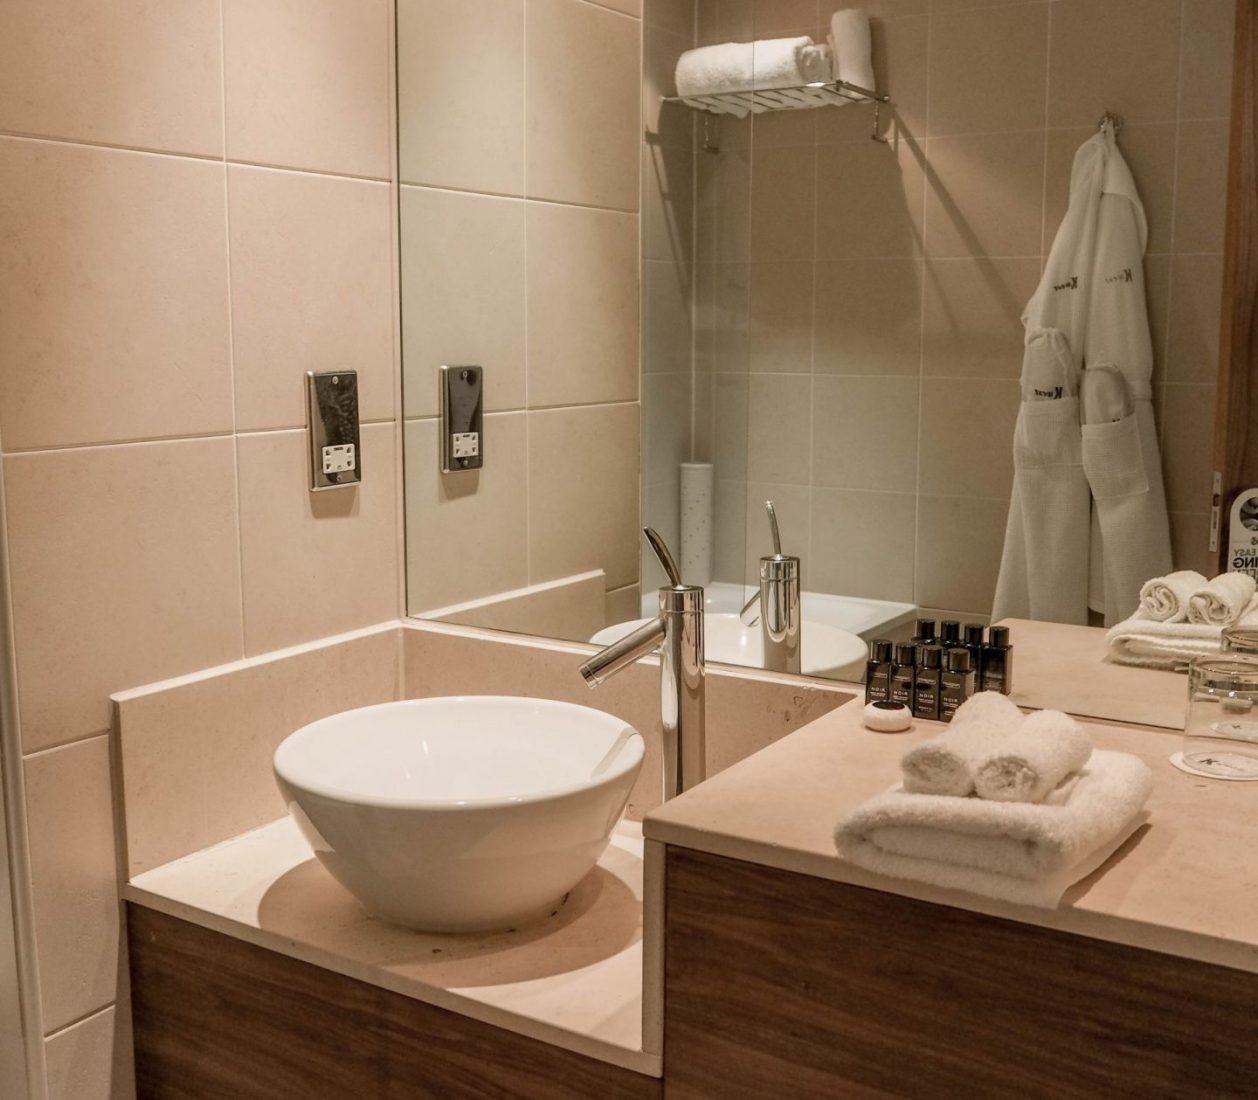 K West Hotel Review Kate Winney